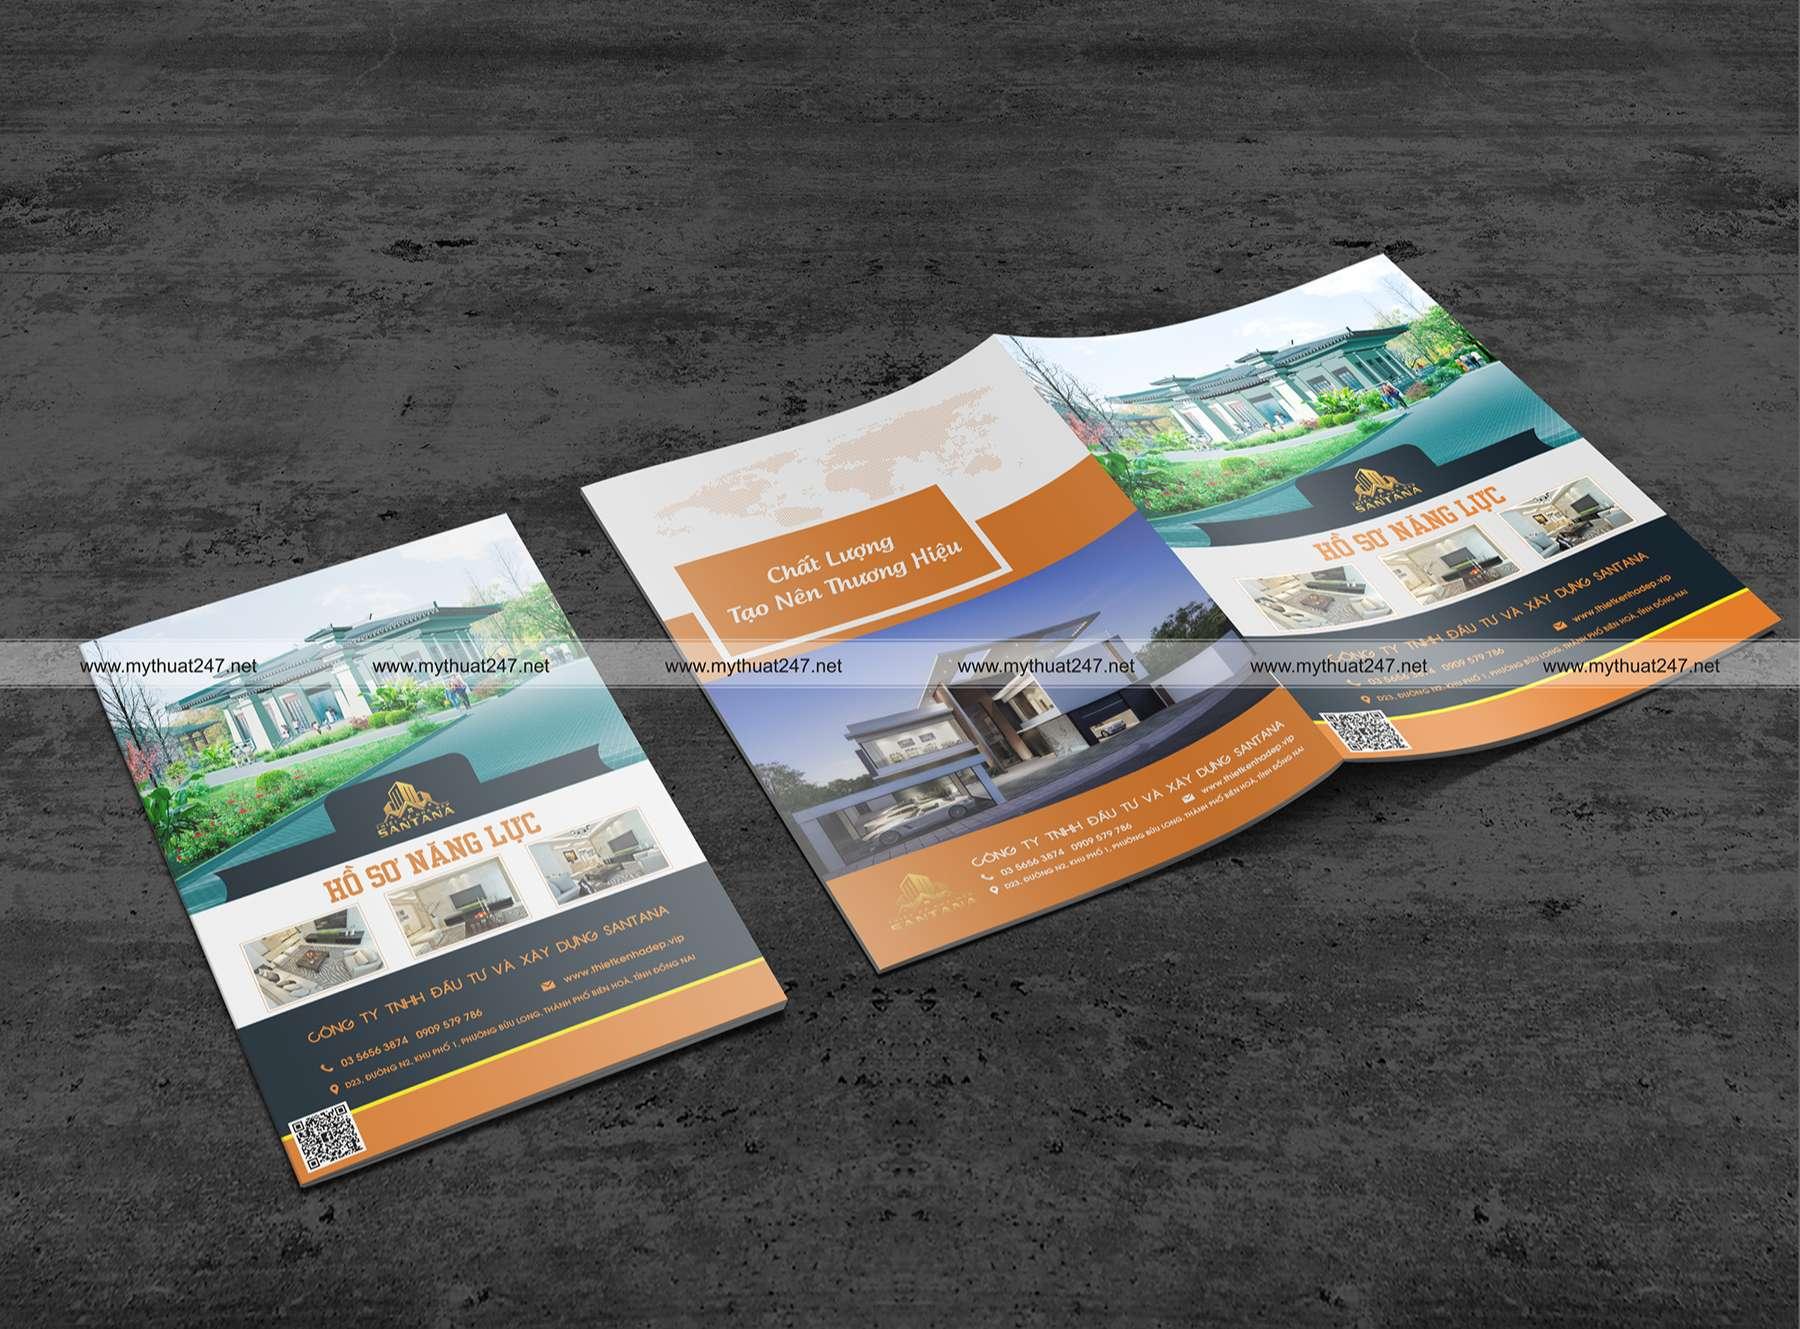 Thiết kế hồ sơ năng lực công ty tnhh đầu tư và xây dựng santana